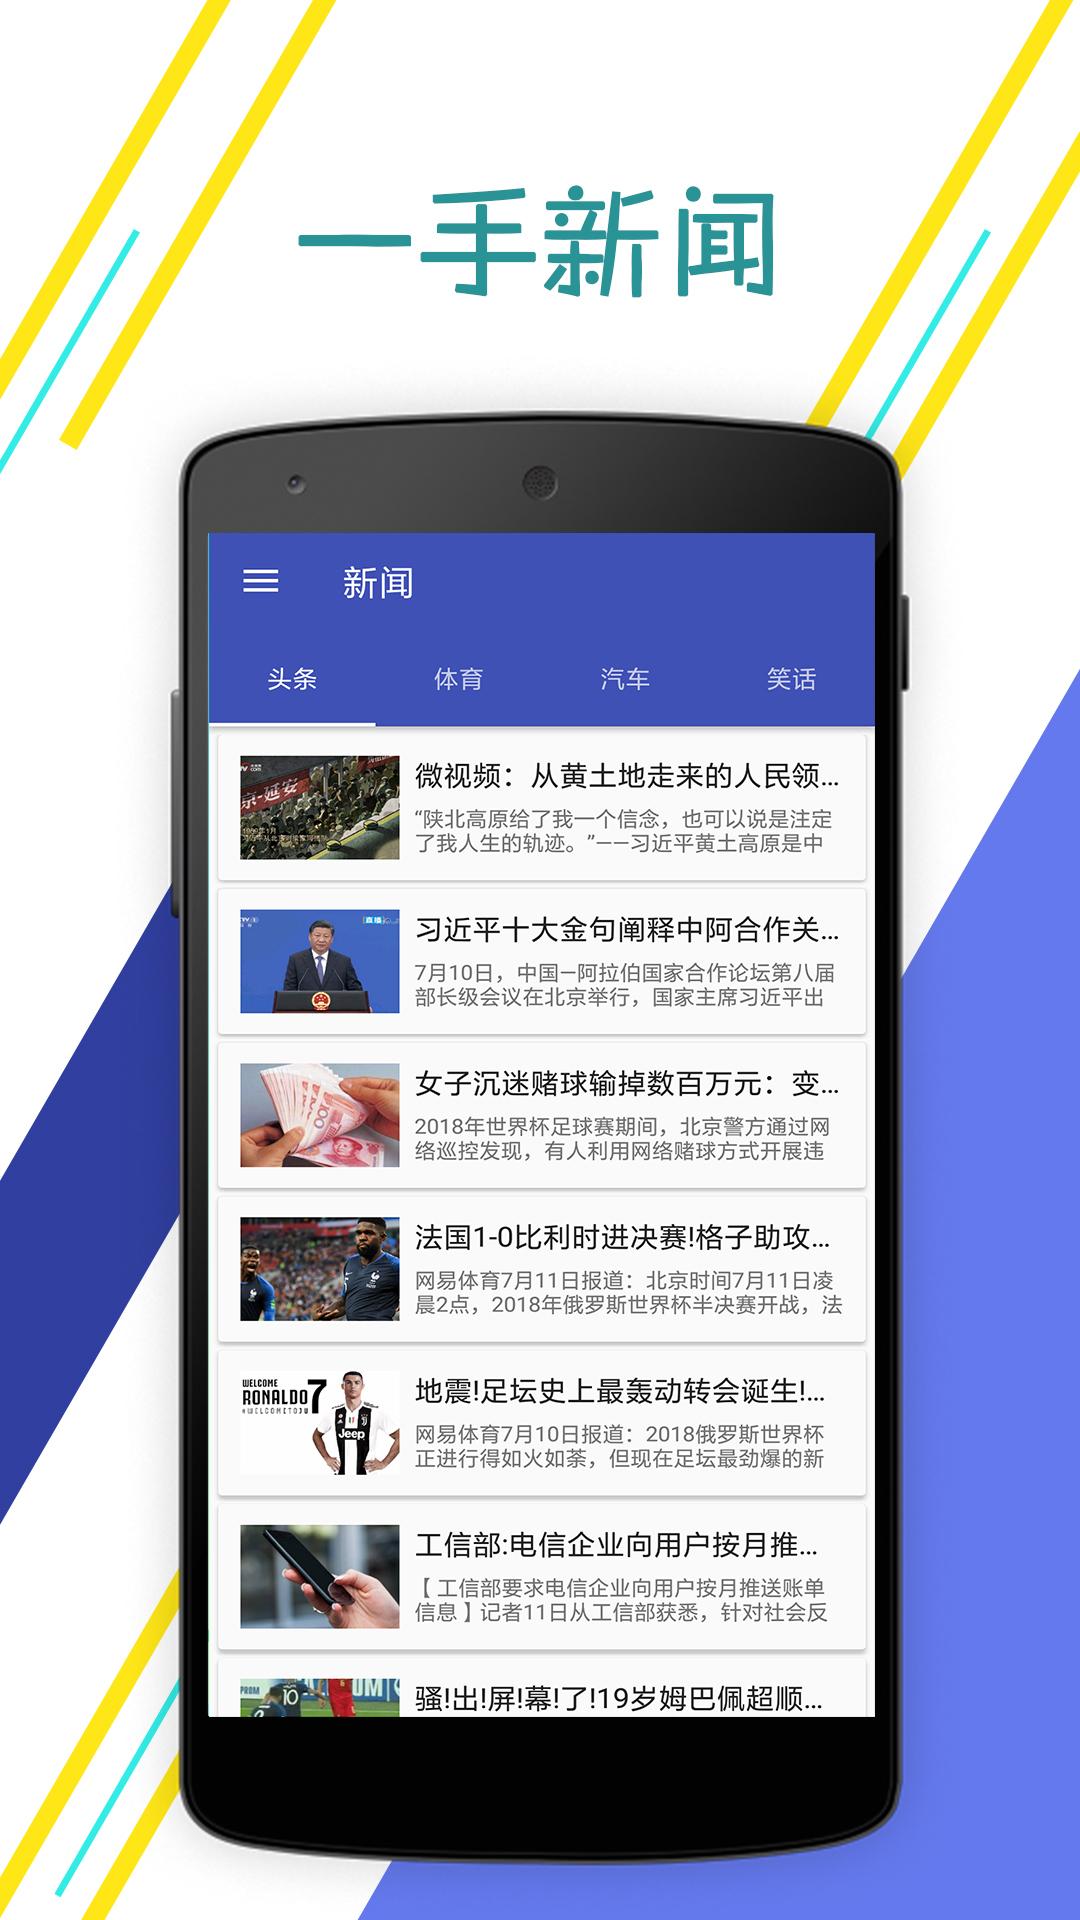 大发资讯app官方手机版图3: